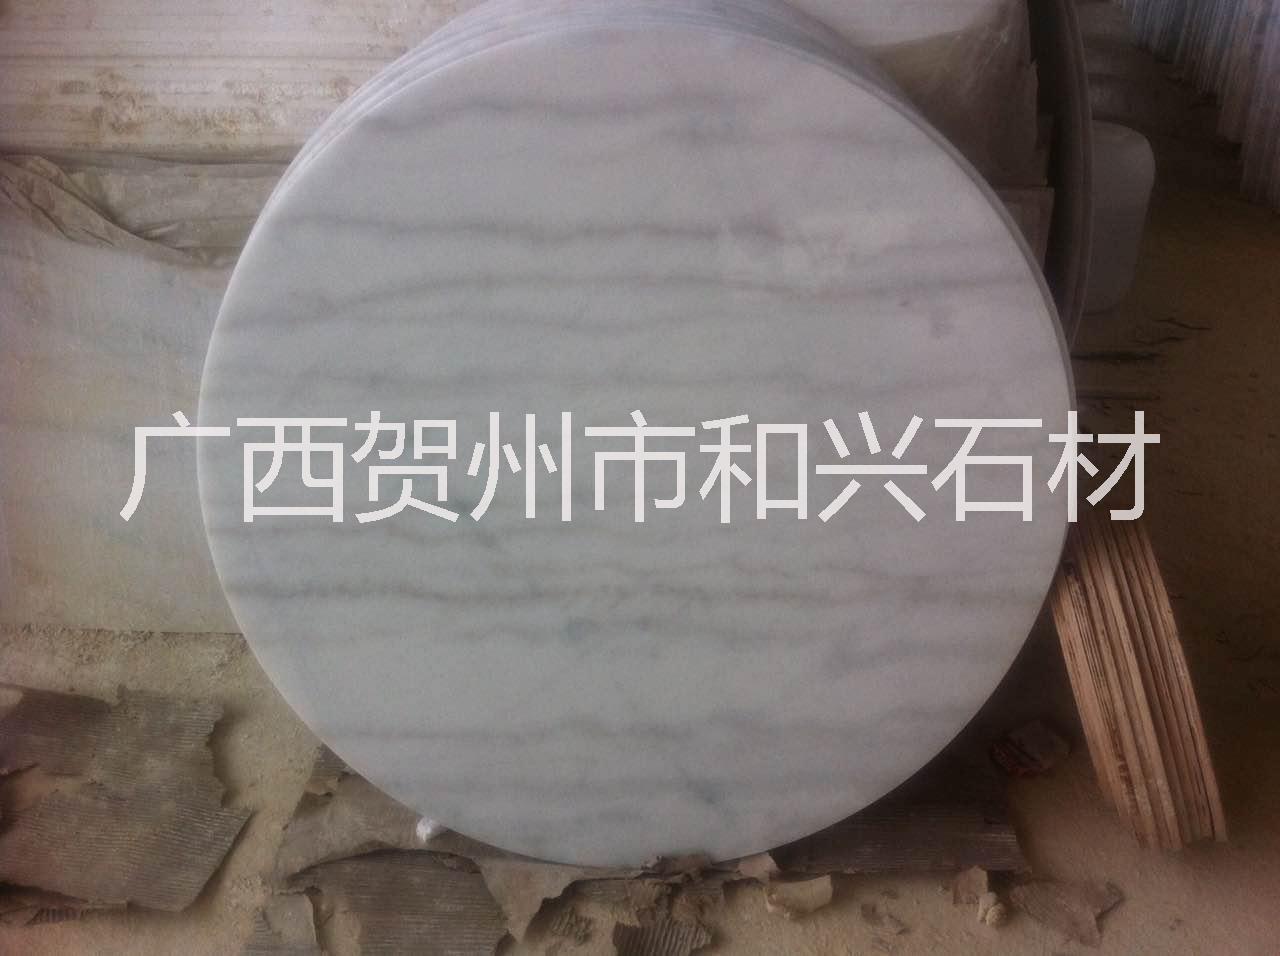 大理石圆形板材天然大理石大小定制大理石板材批发广西大理石石材加工